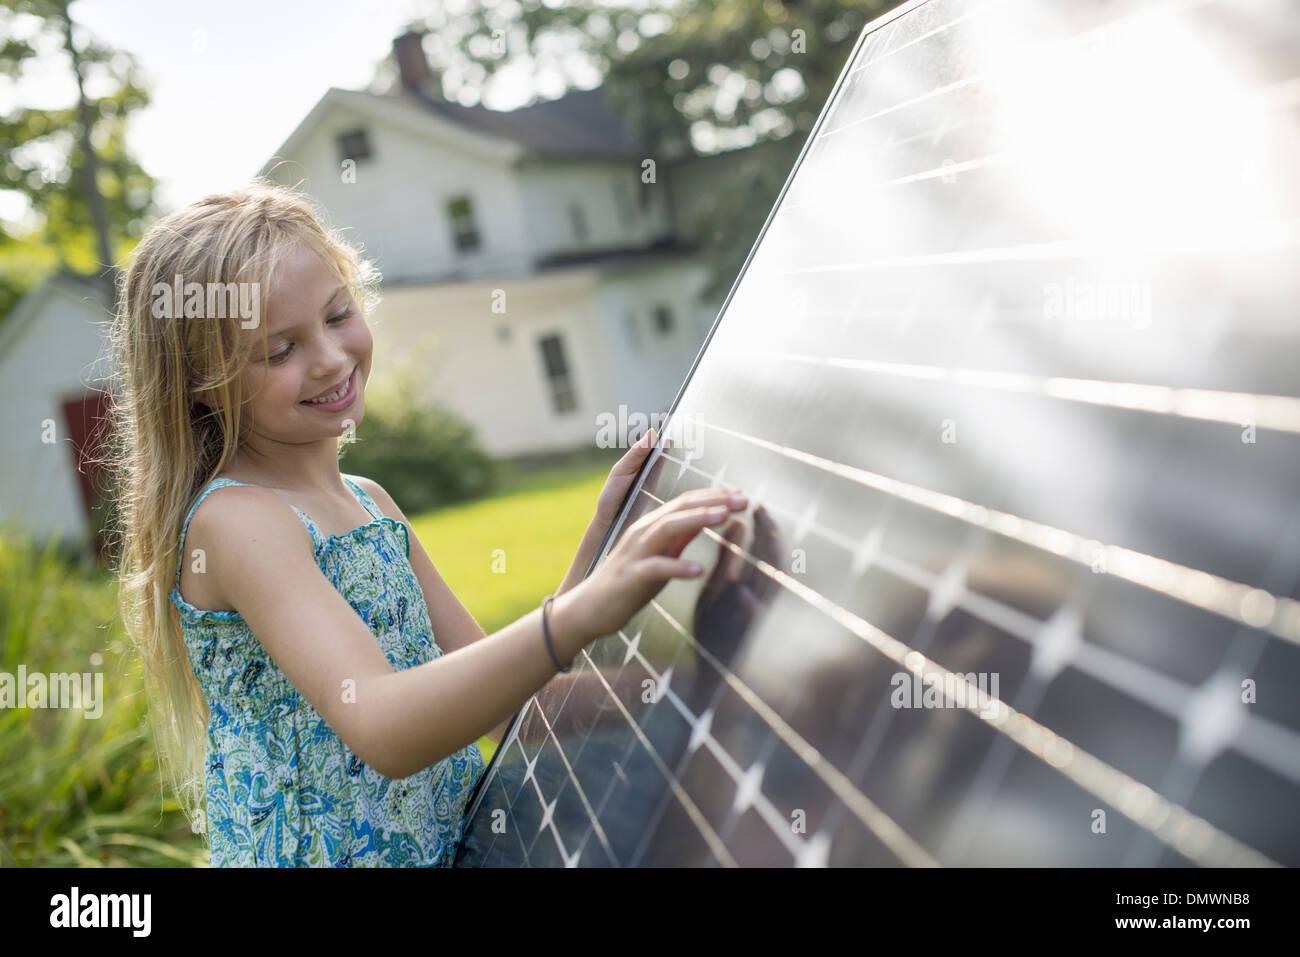 Ein junges Mädchen neben einem großen Solar-Panel in einem Bauerngarten. Stockbild